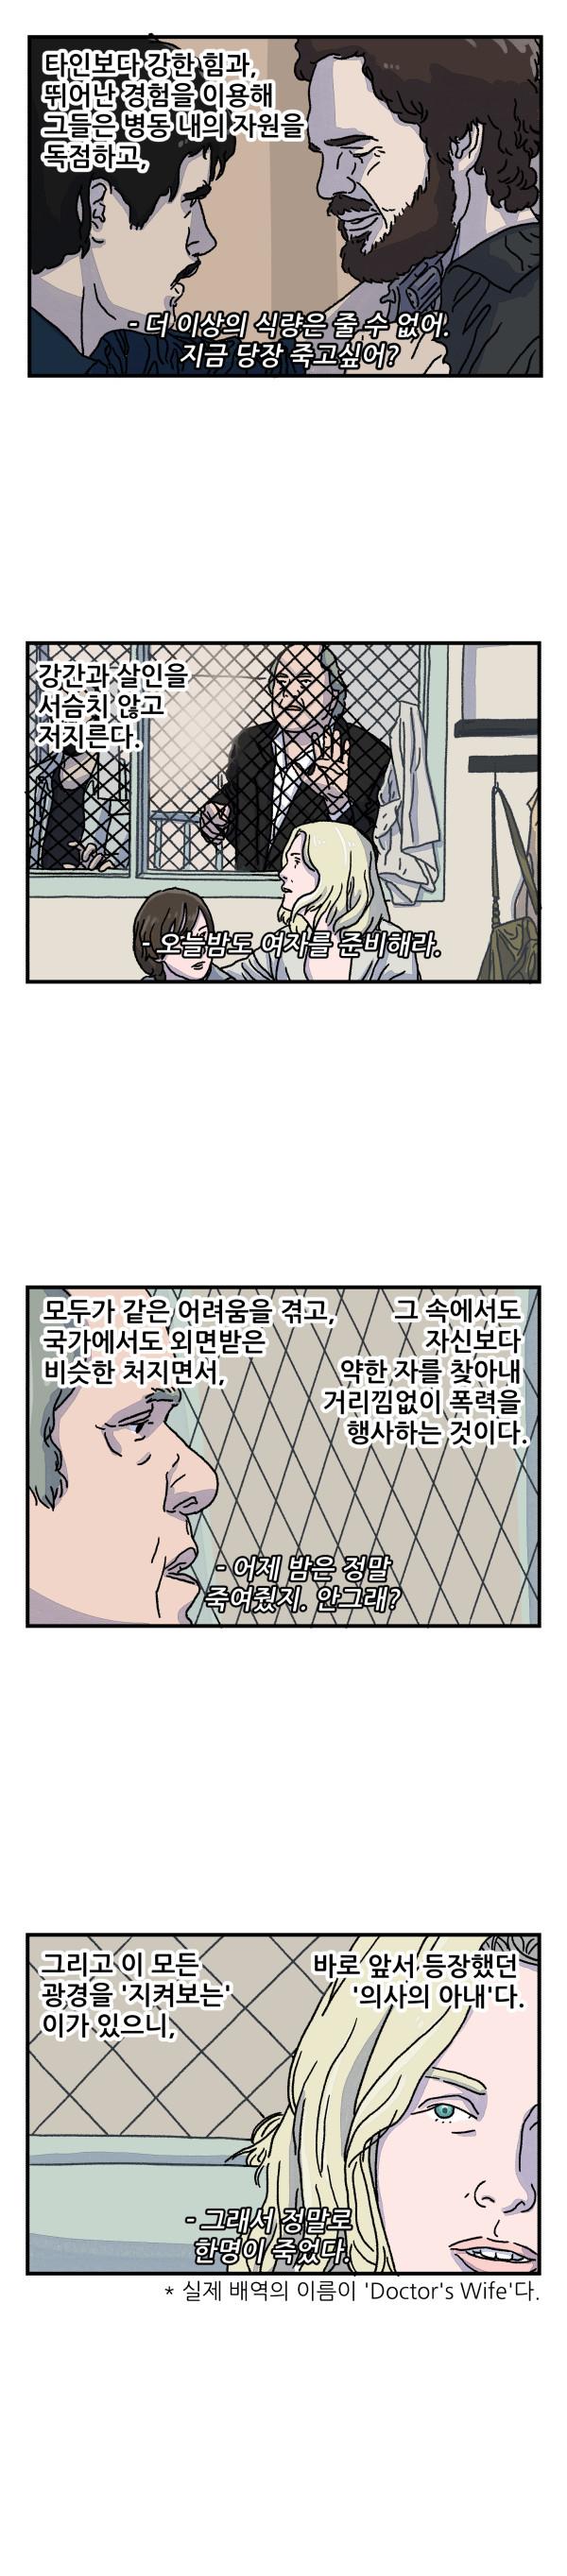 600_004.jpg